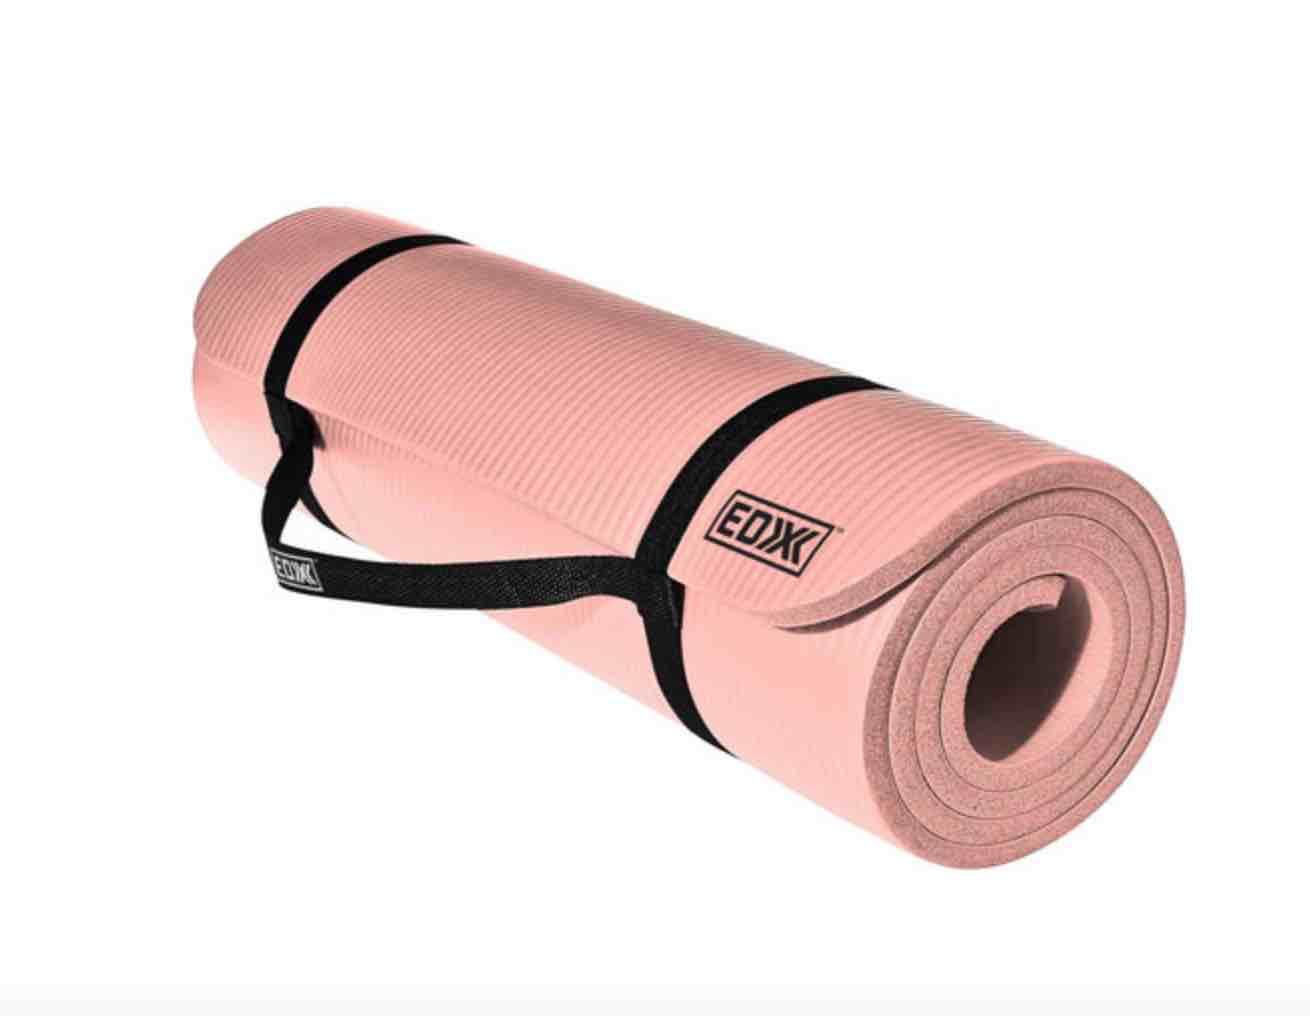 Yoga mat at home workout